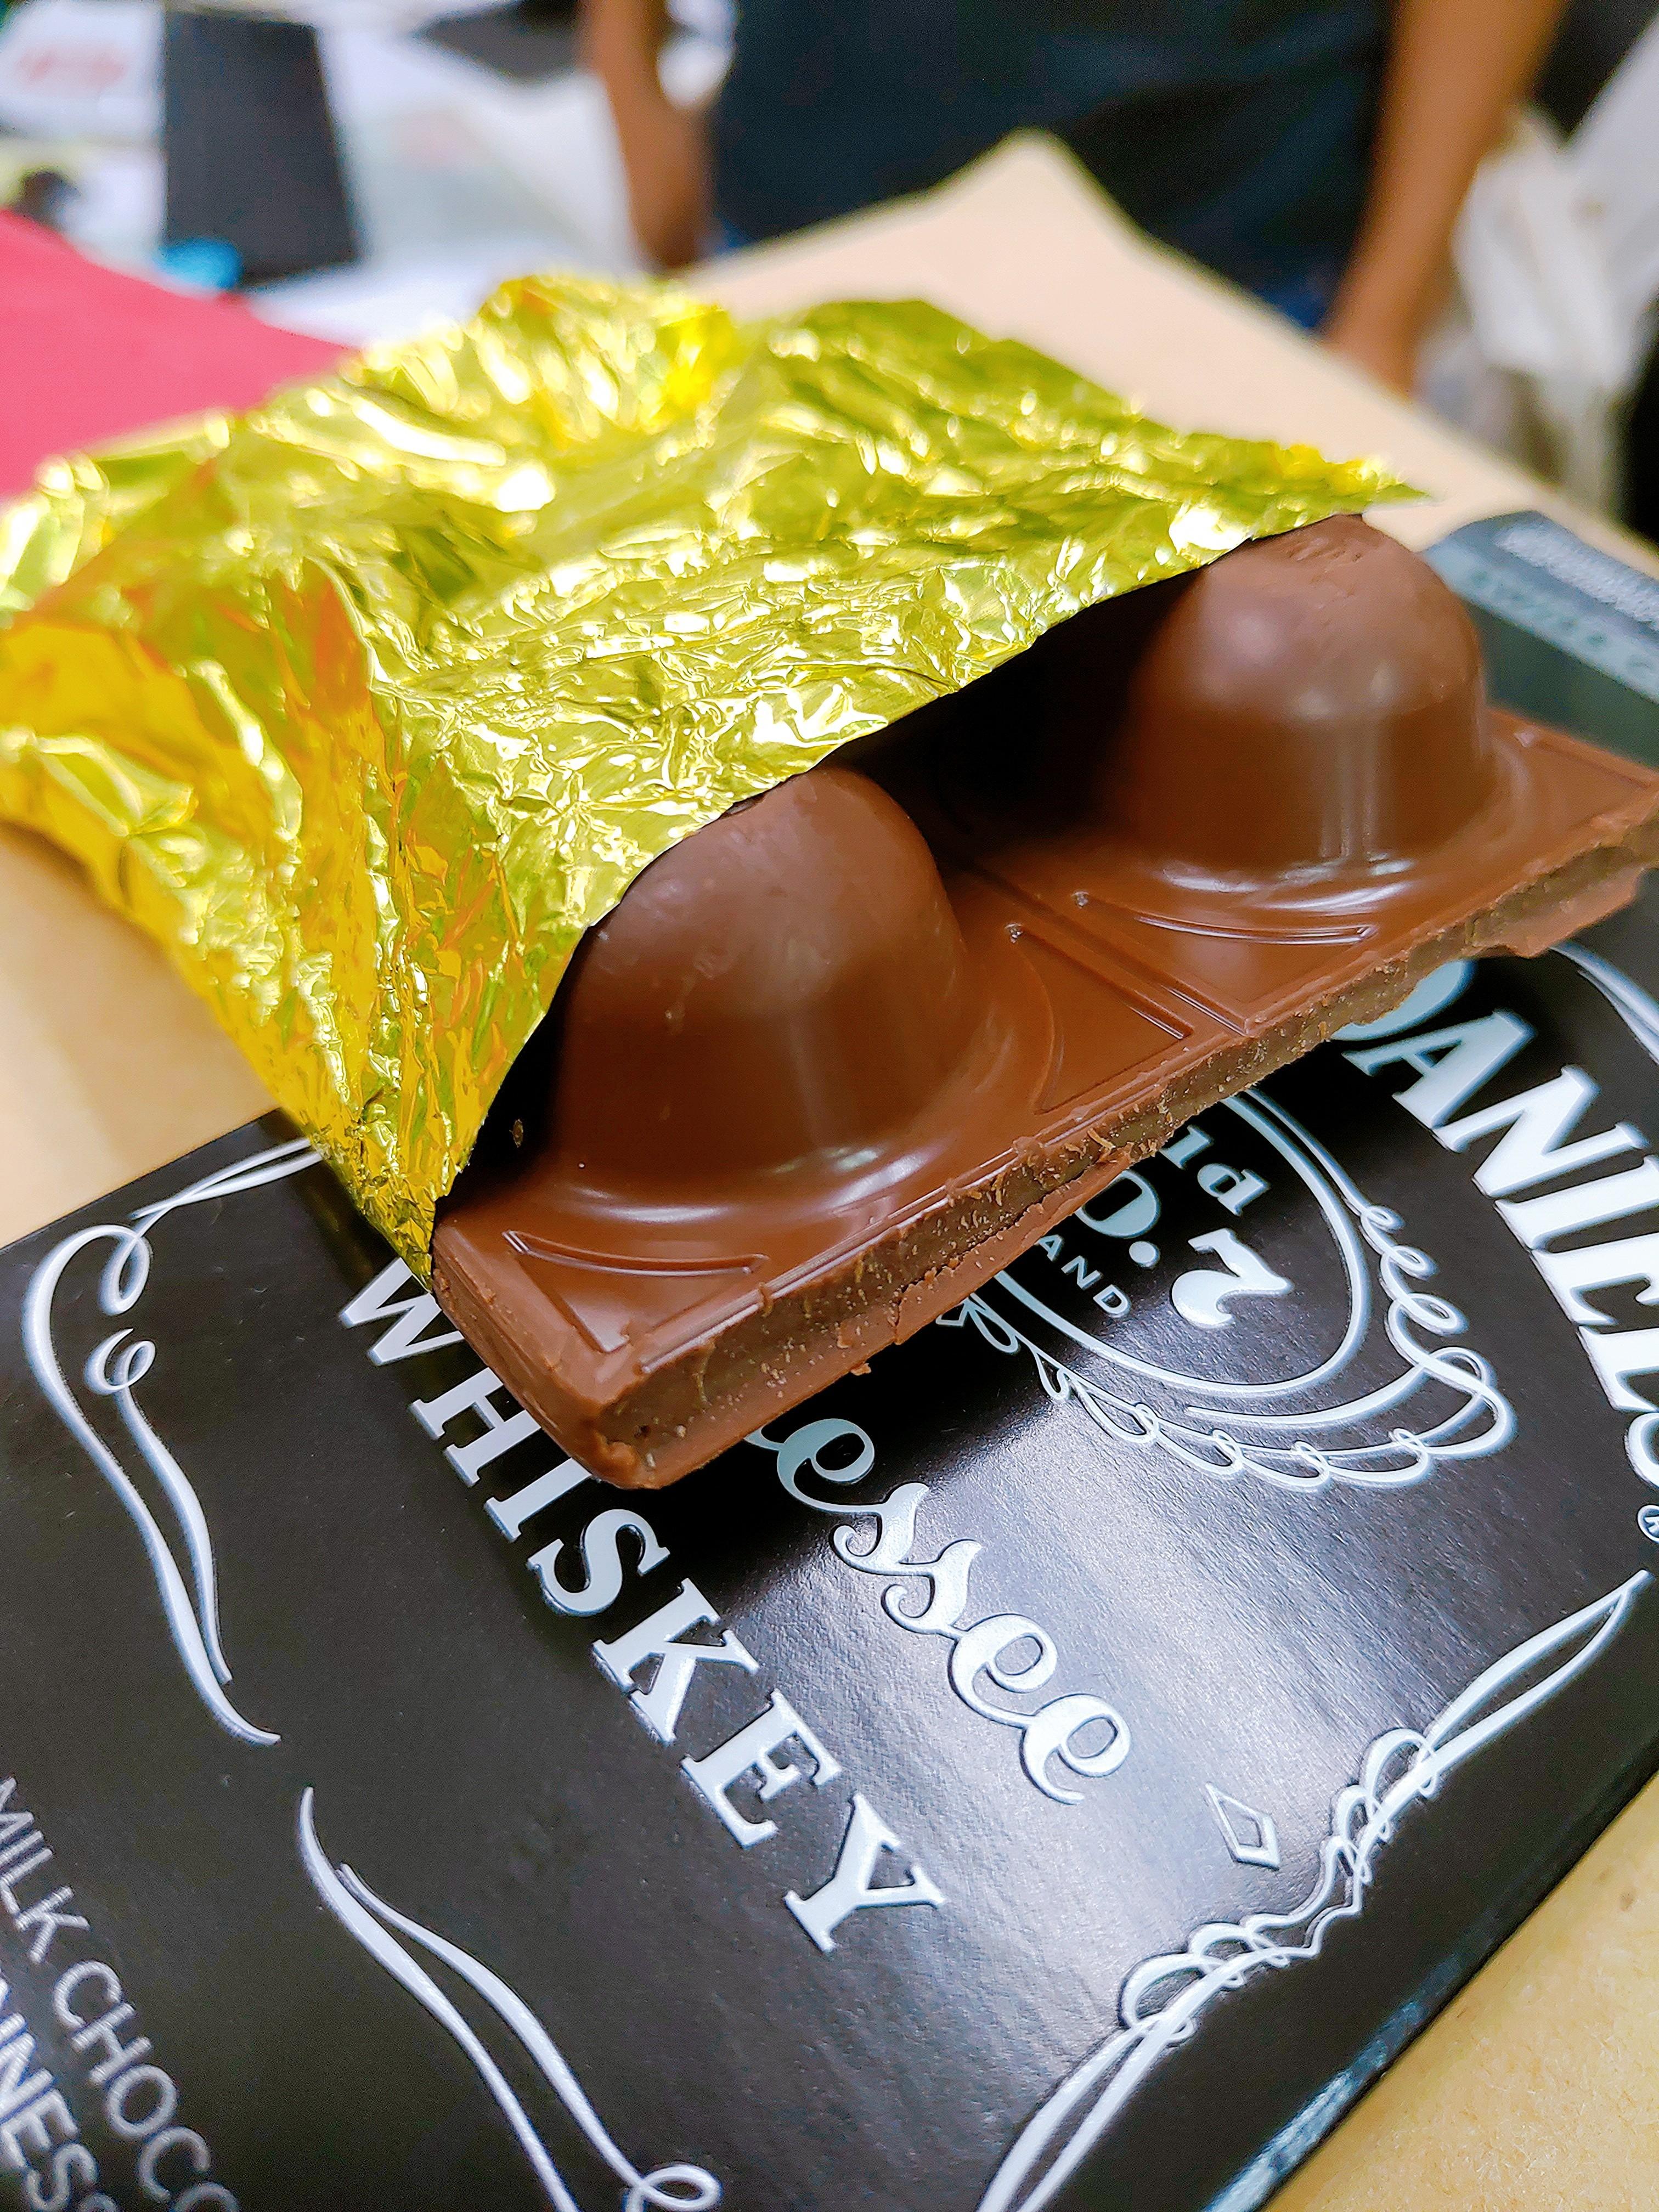 【試吃】GOLDKENN瑞士金磚酒糖巧克力|包裹著火熱酒心的甜蜜巧克力